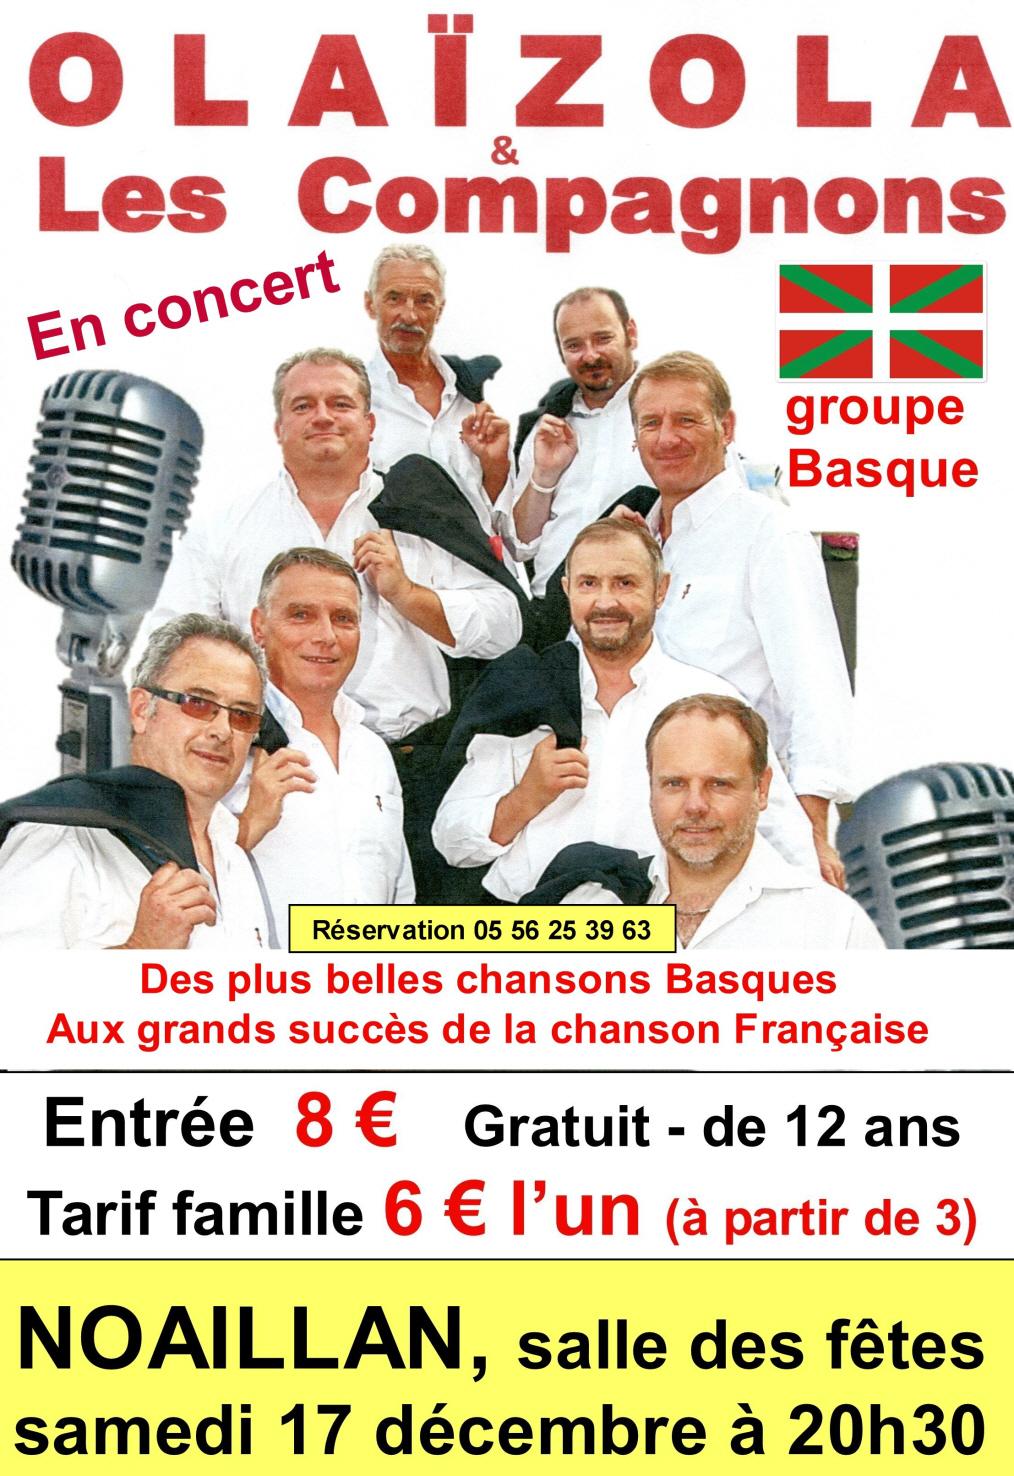 """Grand concert """"Olaizola et Les Compagnons"""" @ Salle des fêtes"""